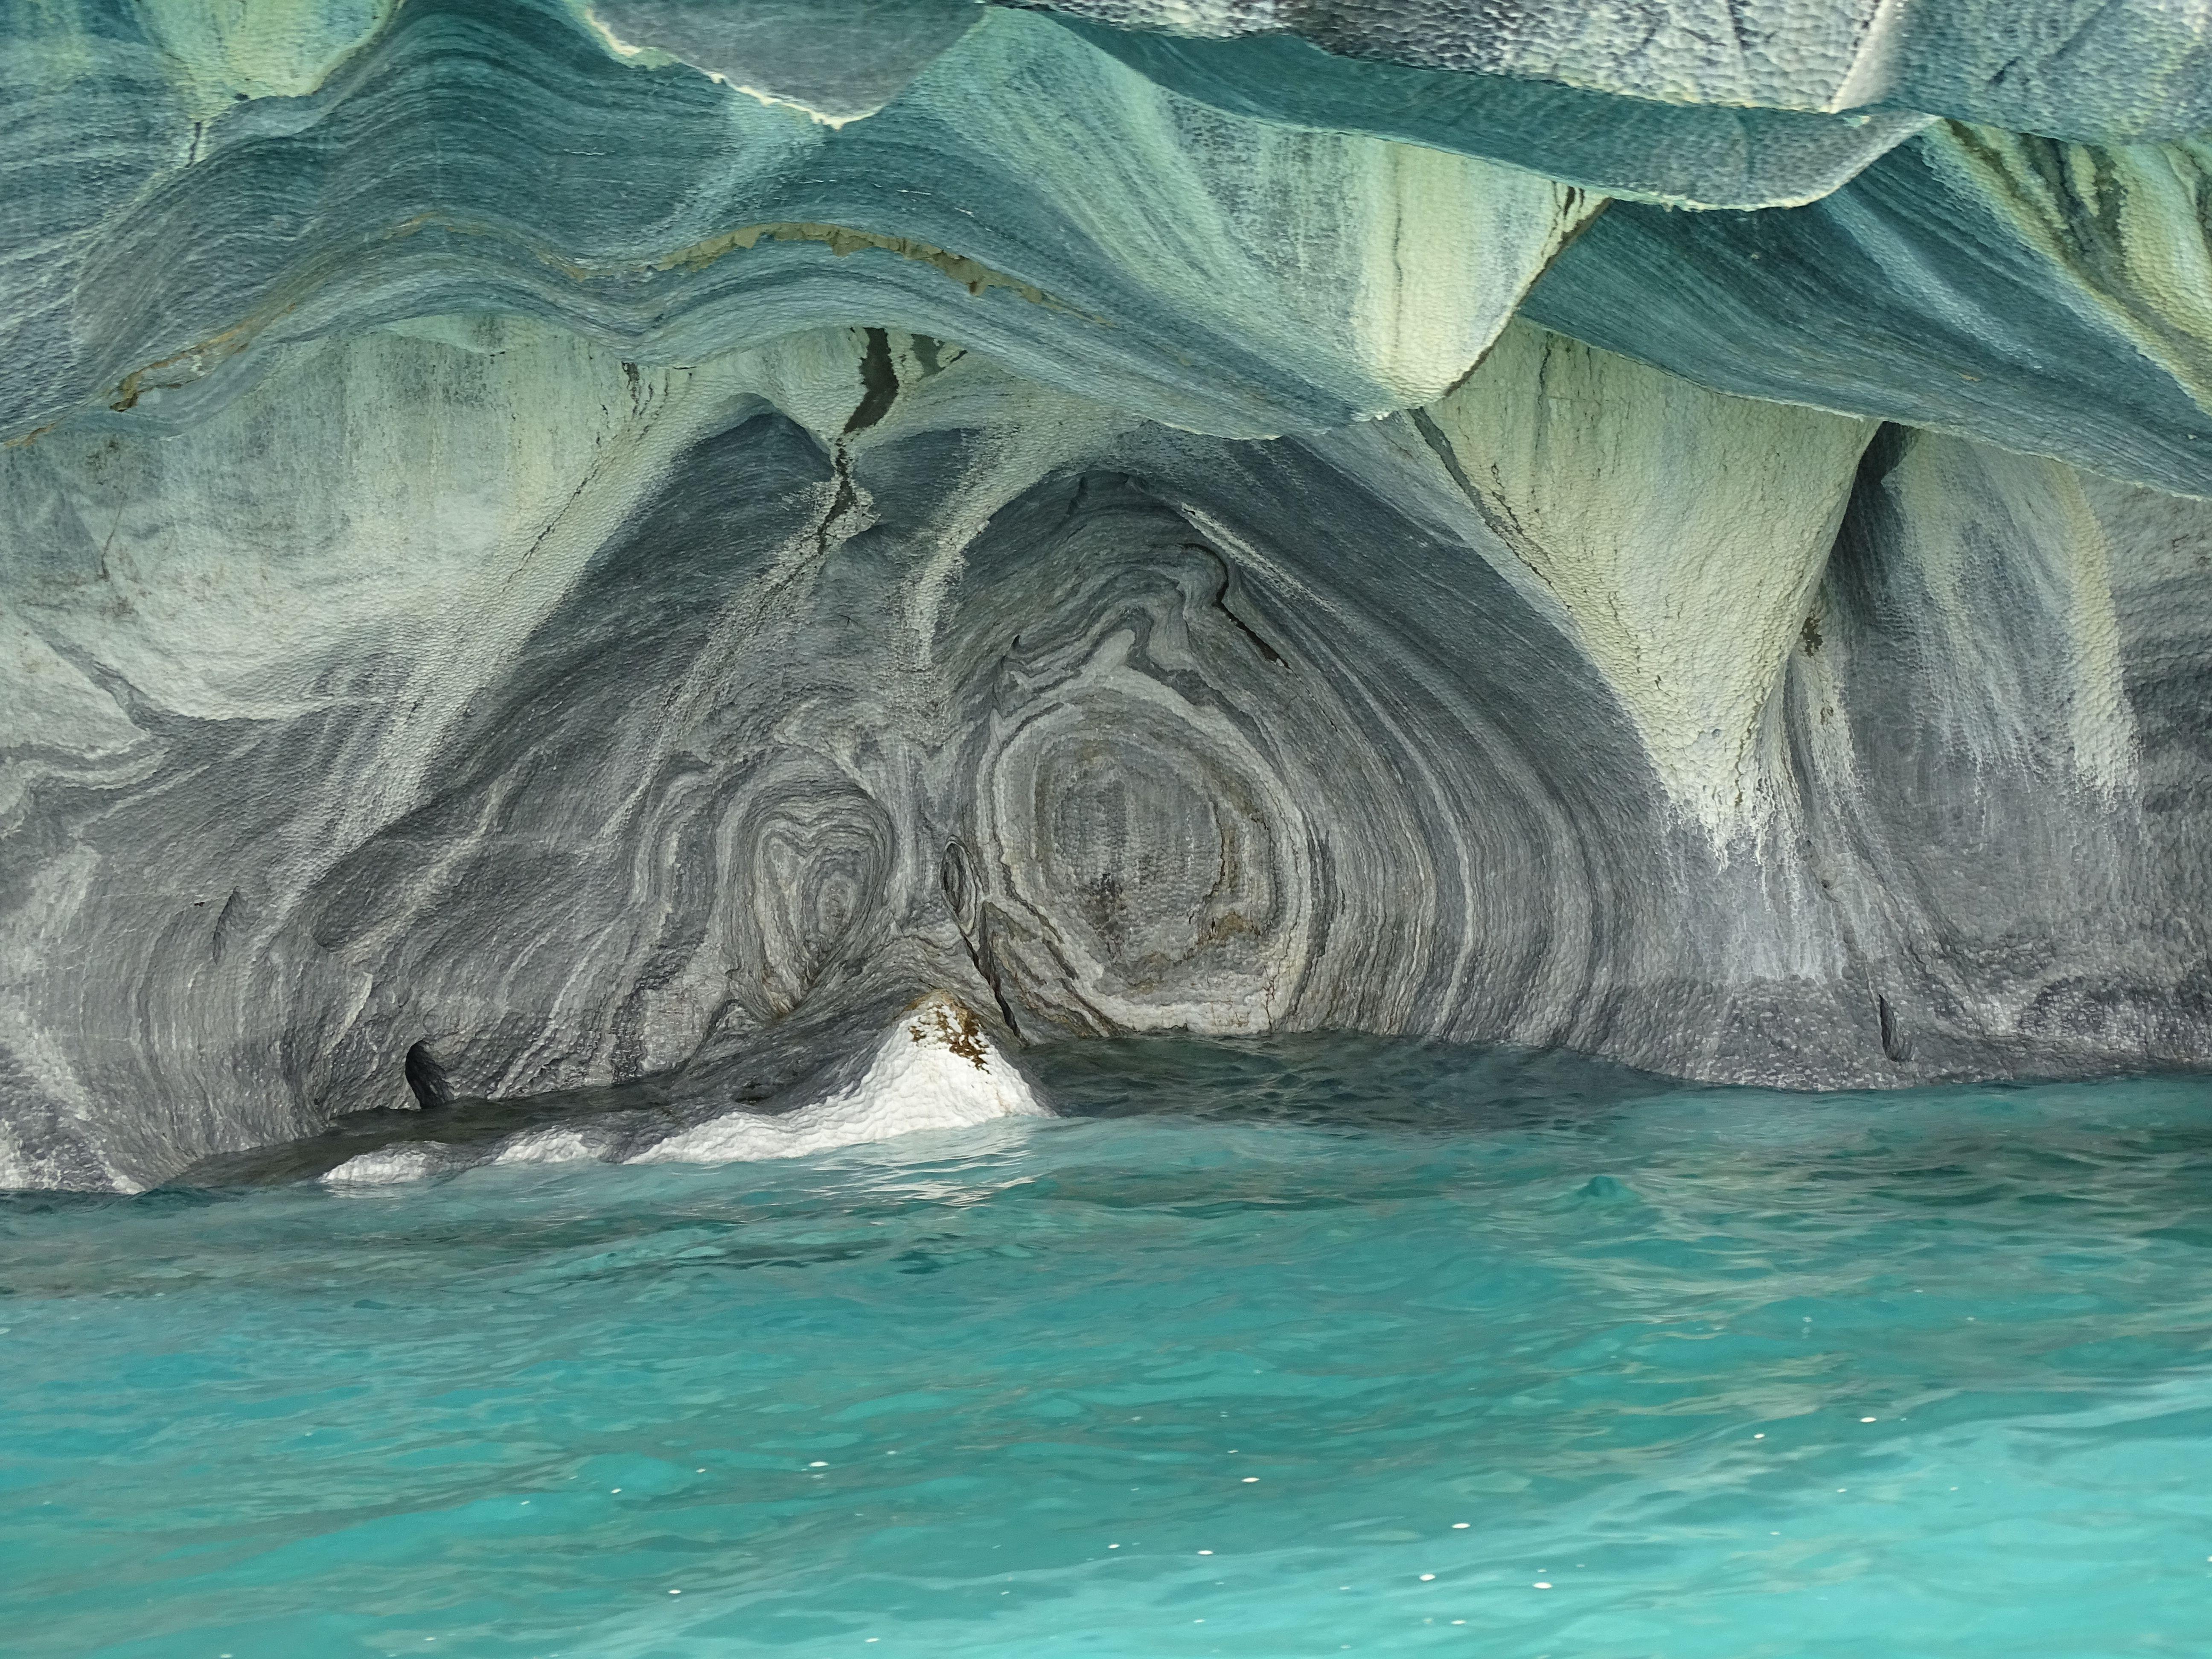 Puerto Rio Tranquilo : du marbre et de la glace